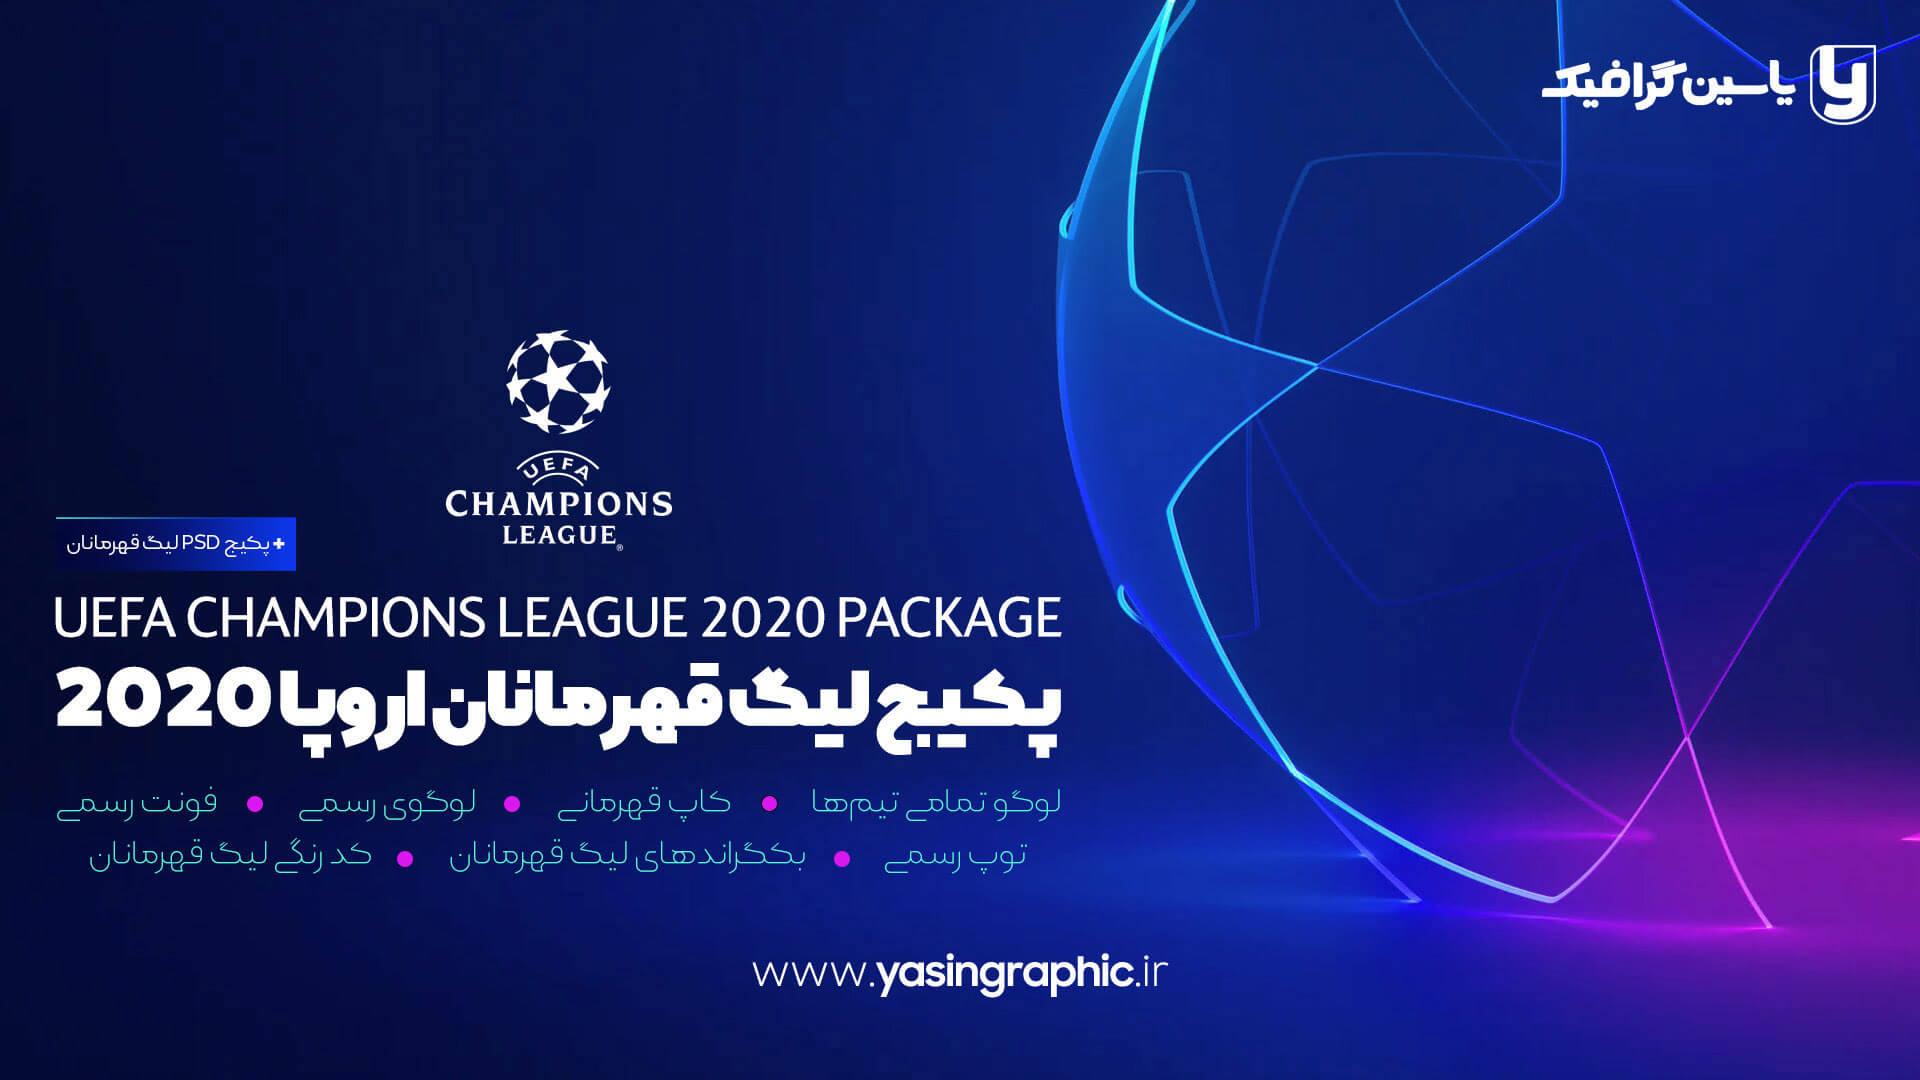 پکیج لیگ قهرمانان اروپا 2020